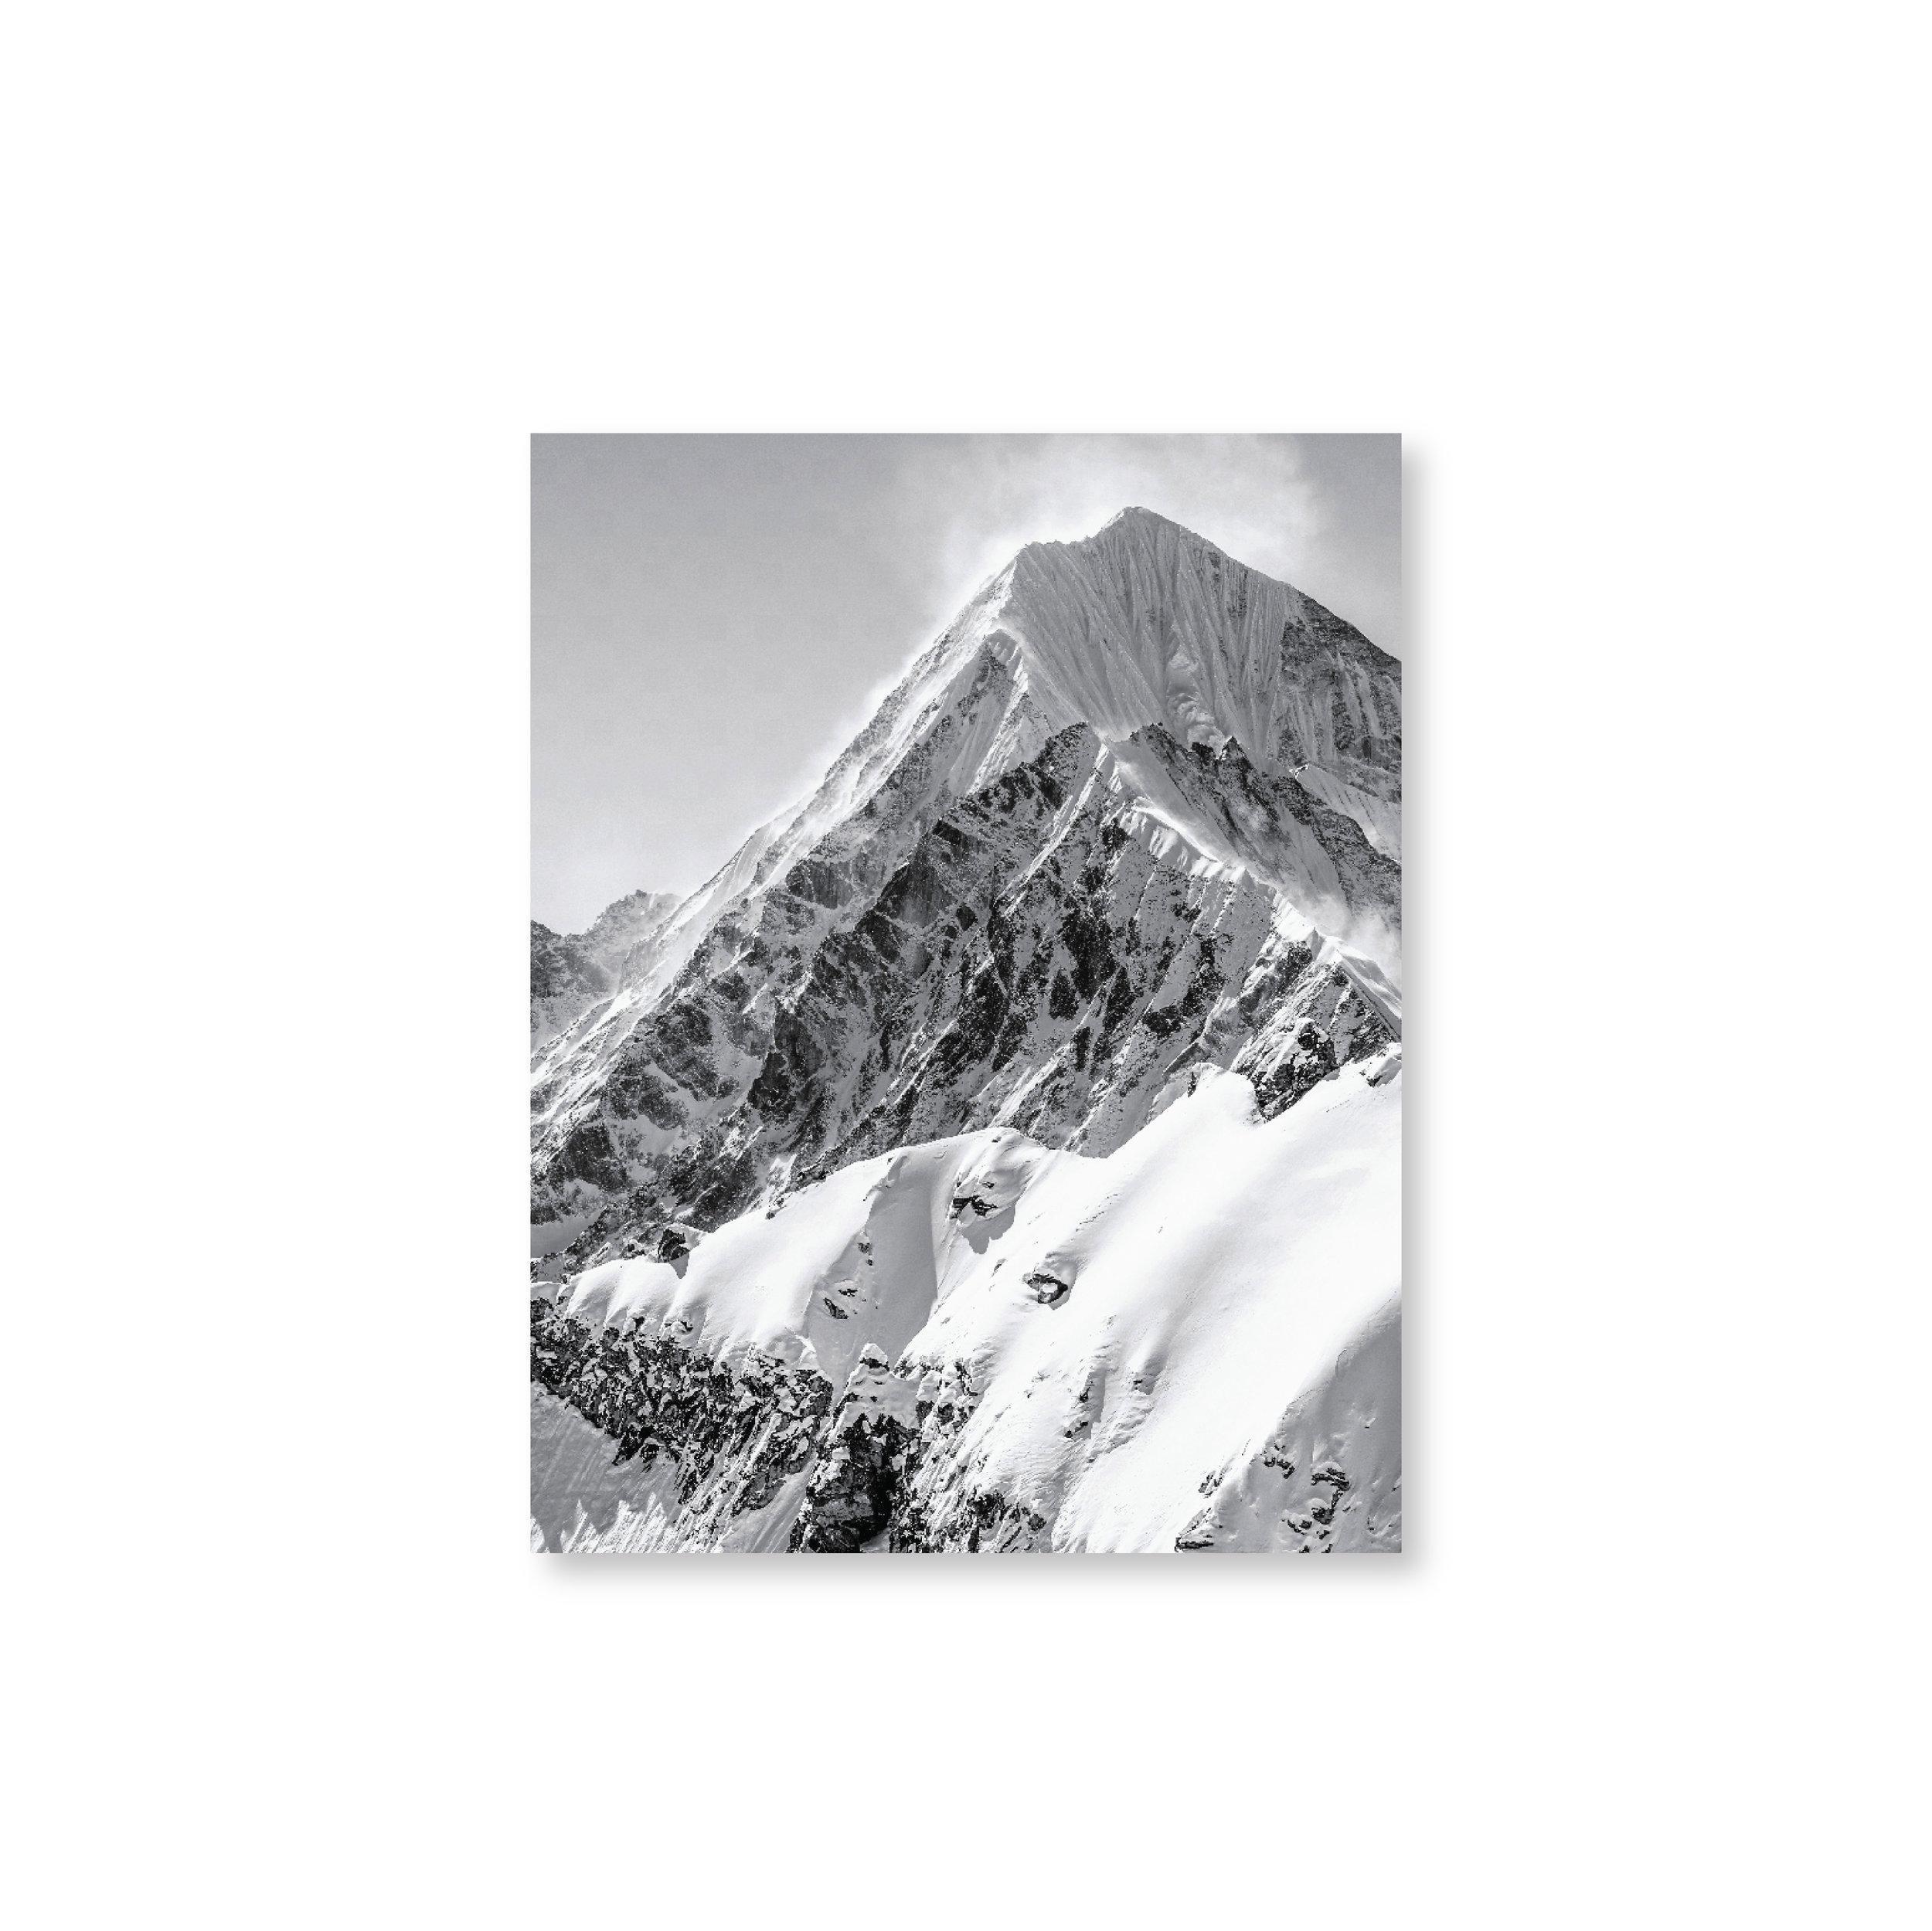 15-TNF-1466 F15 Summit Series Lookbook-7x9-082715-v01s-09.jpg